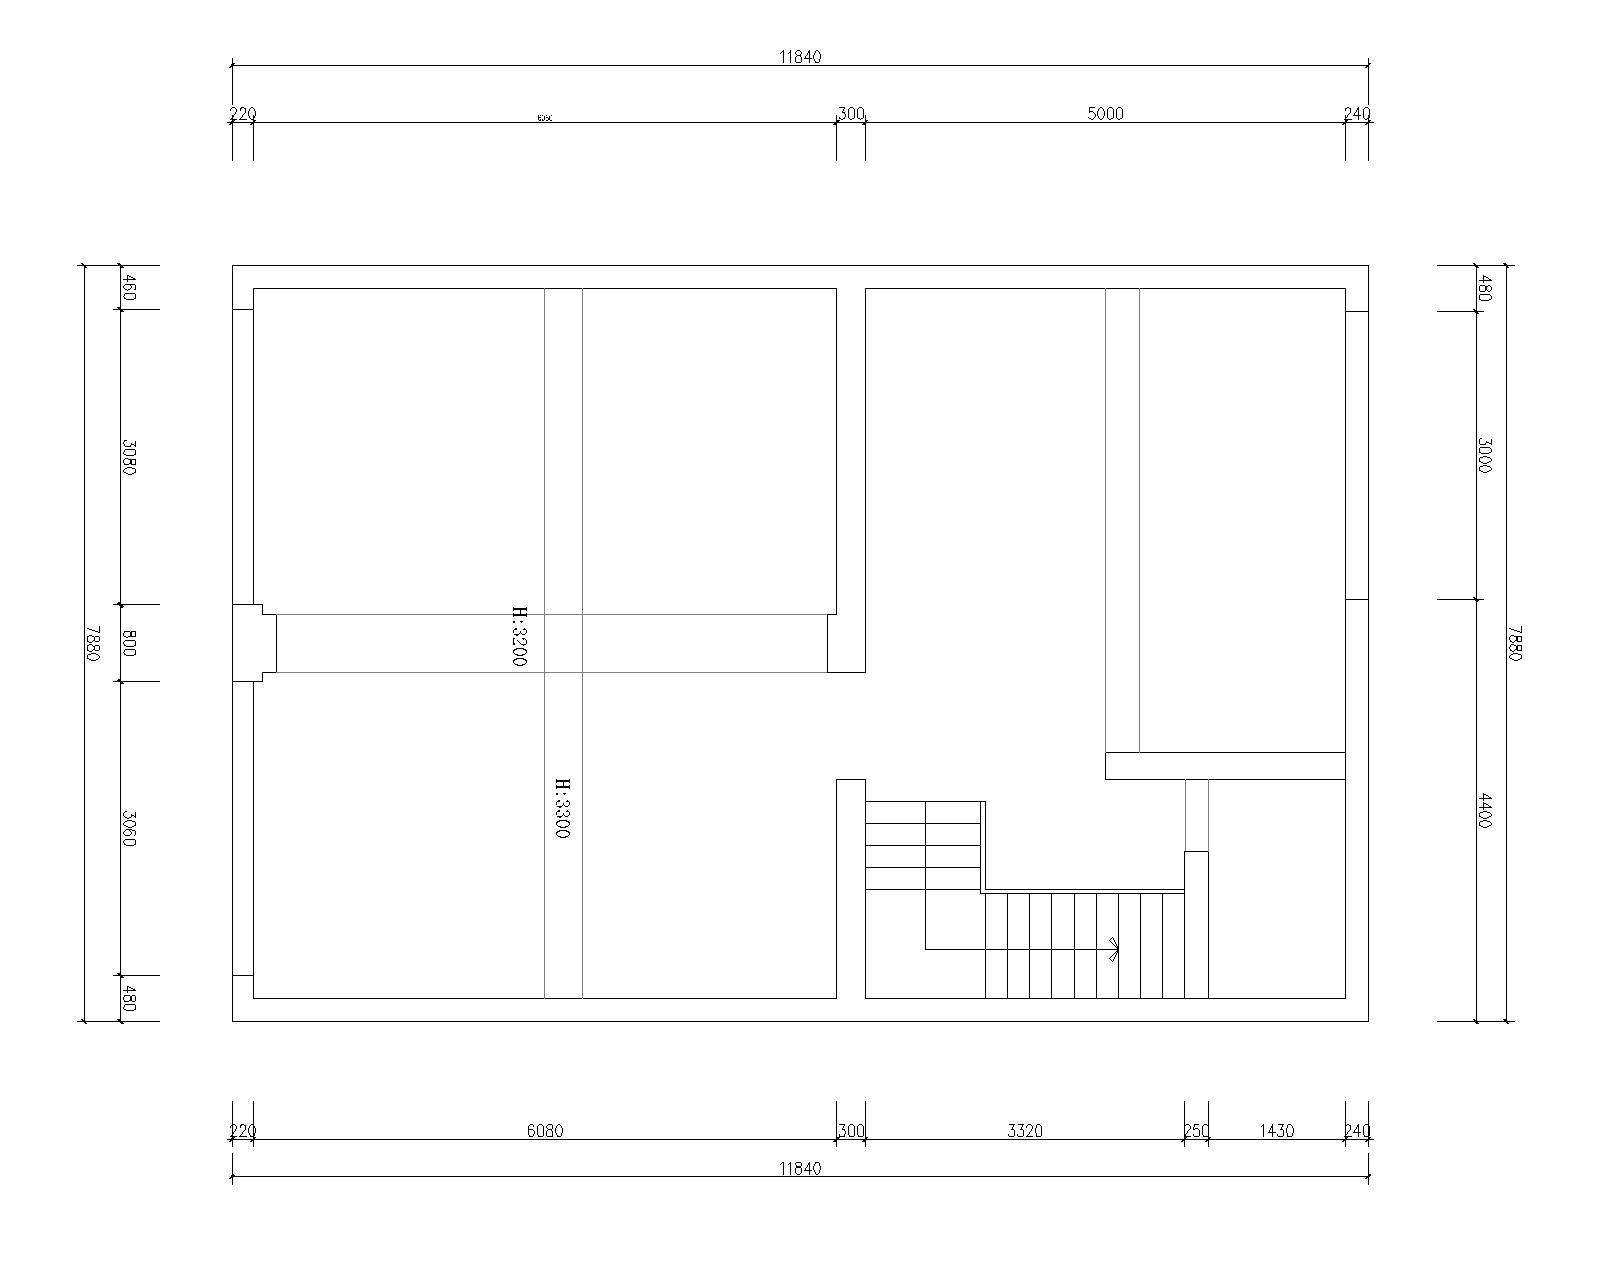 首页 装修公司 蚂蚁设计 装修工地  原始结构图 设计公司 : 蚂蚁空间